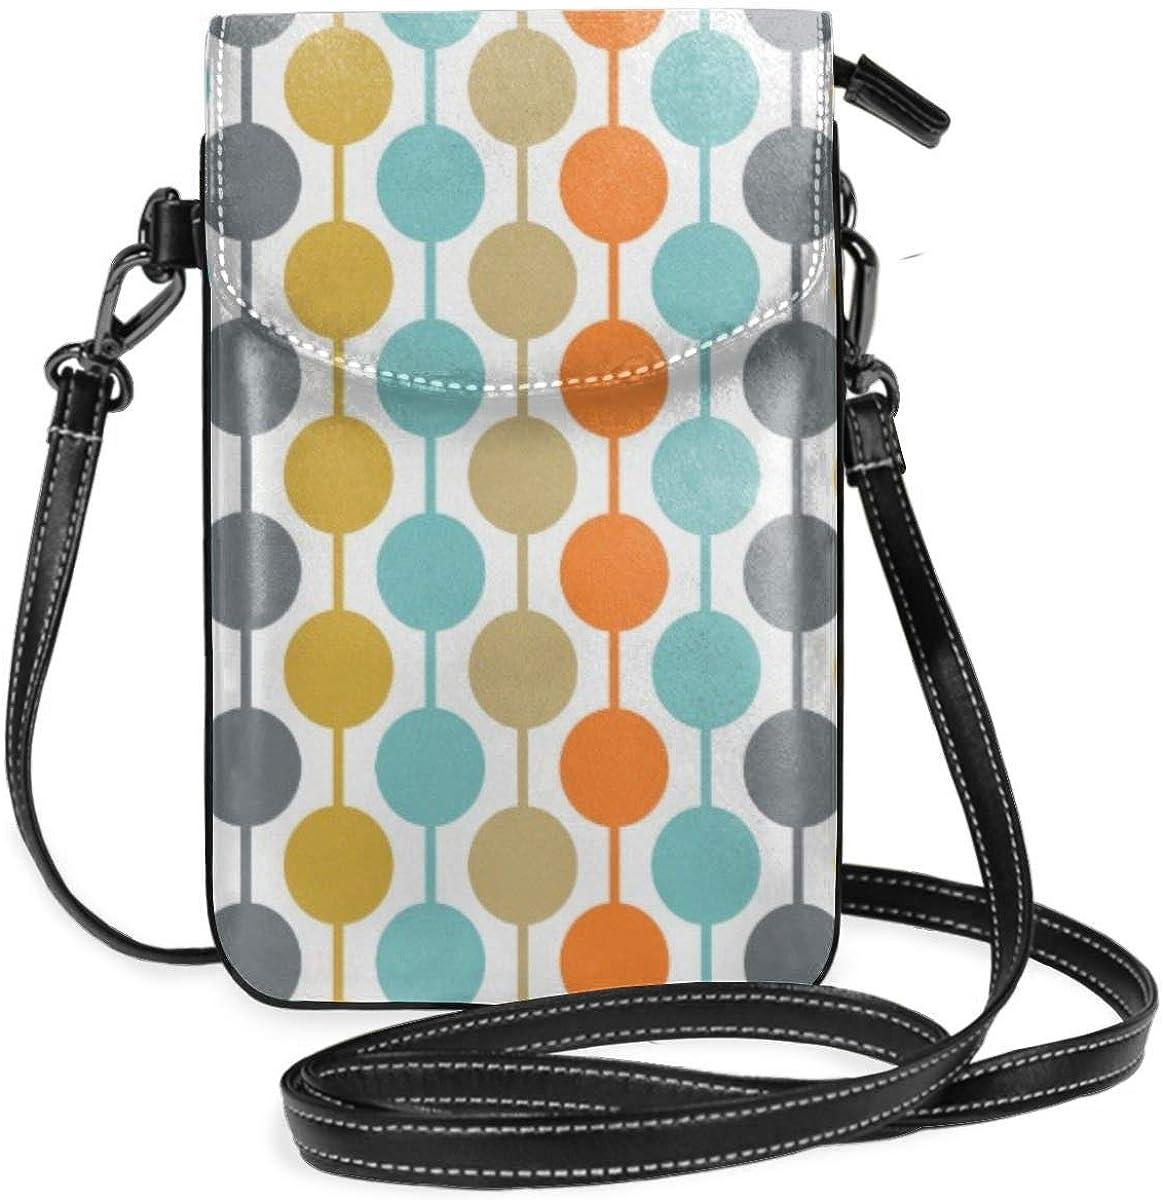 Zara-Decor Retro Circles almohadas de mediados de siglo moderno hogar Crossbody bolso teléfono celular Mini bolso de hombro con correa de hombro para las mujeres, niñas: Amazon.es: Zapatos y complementos